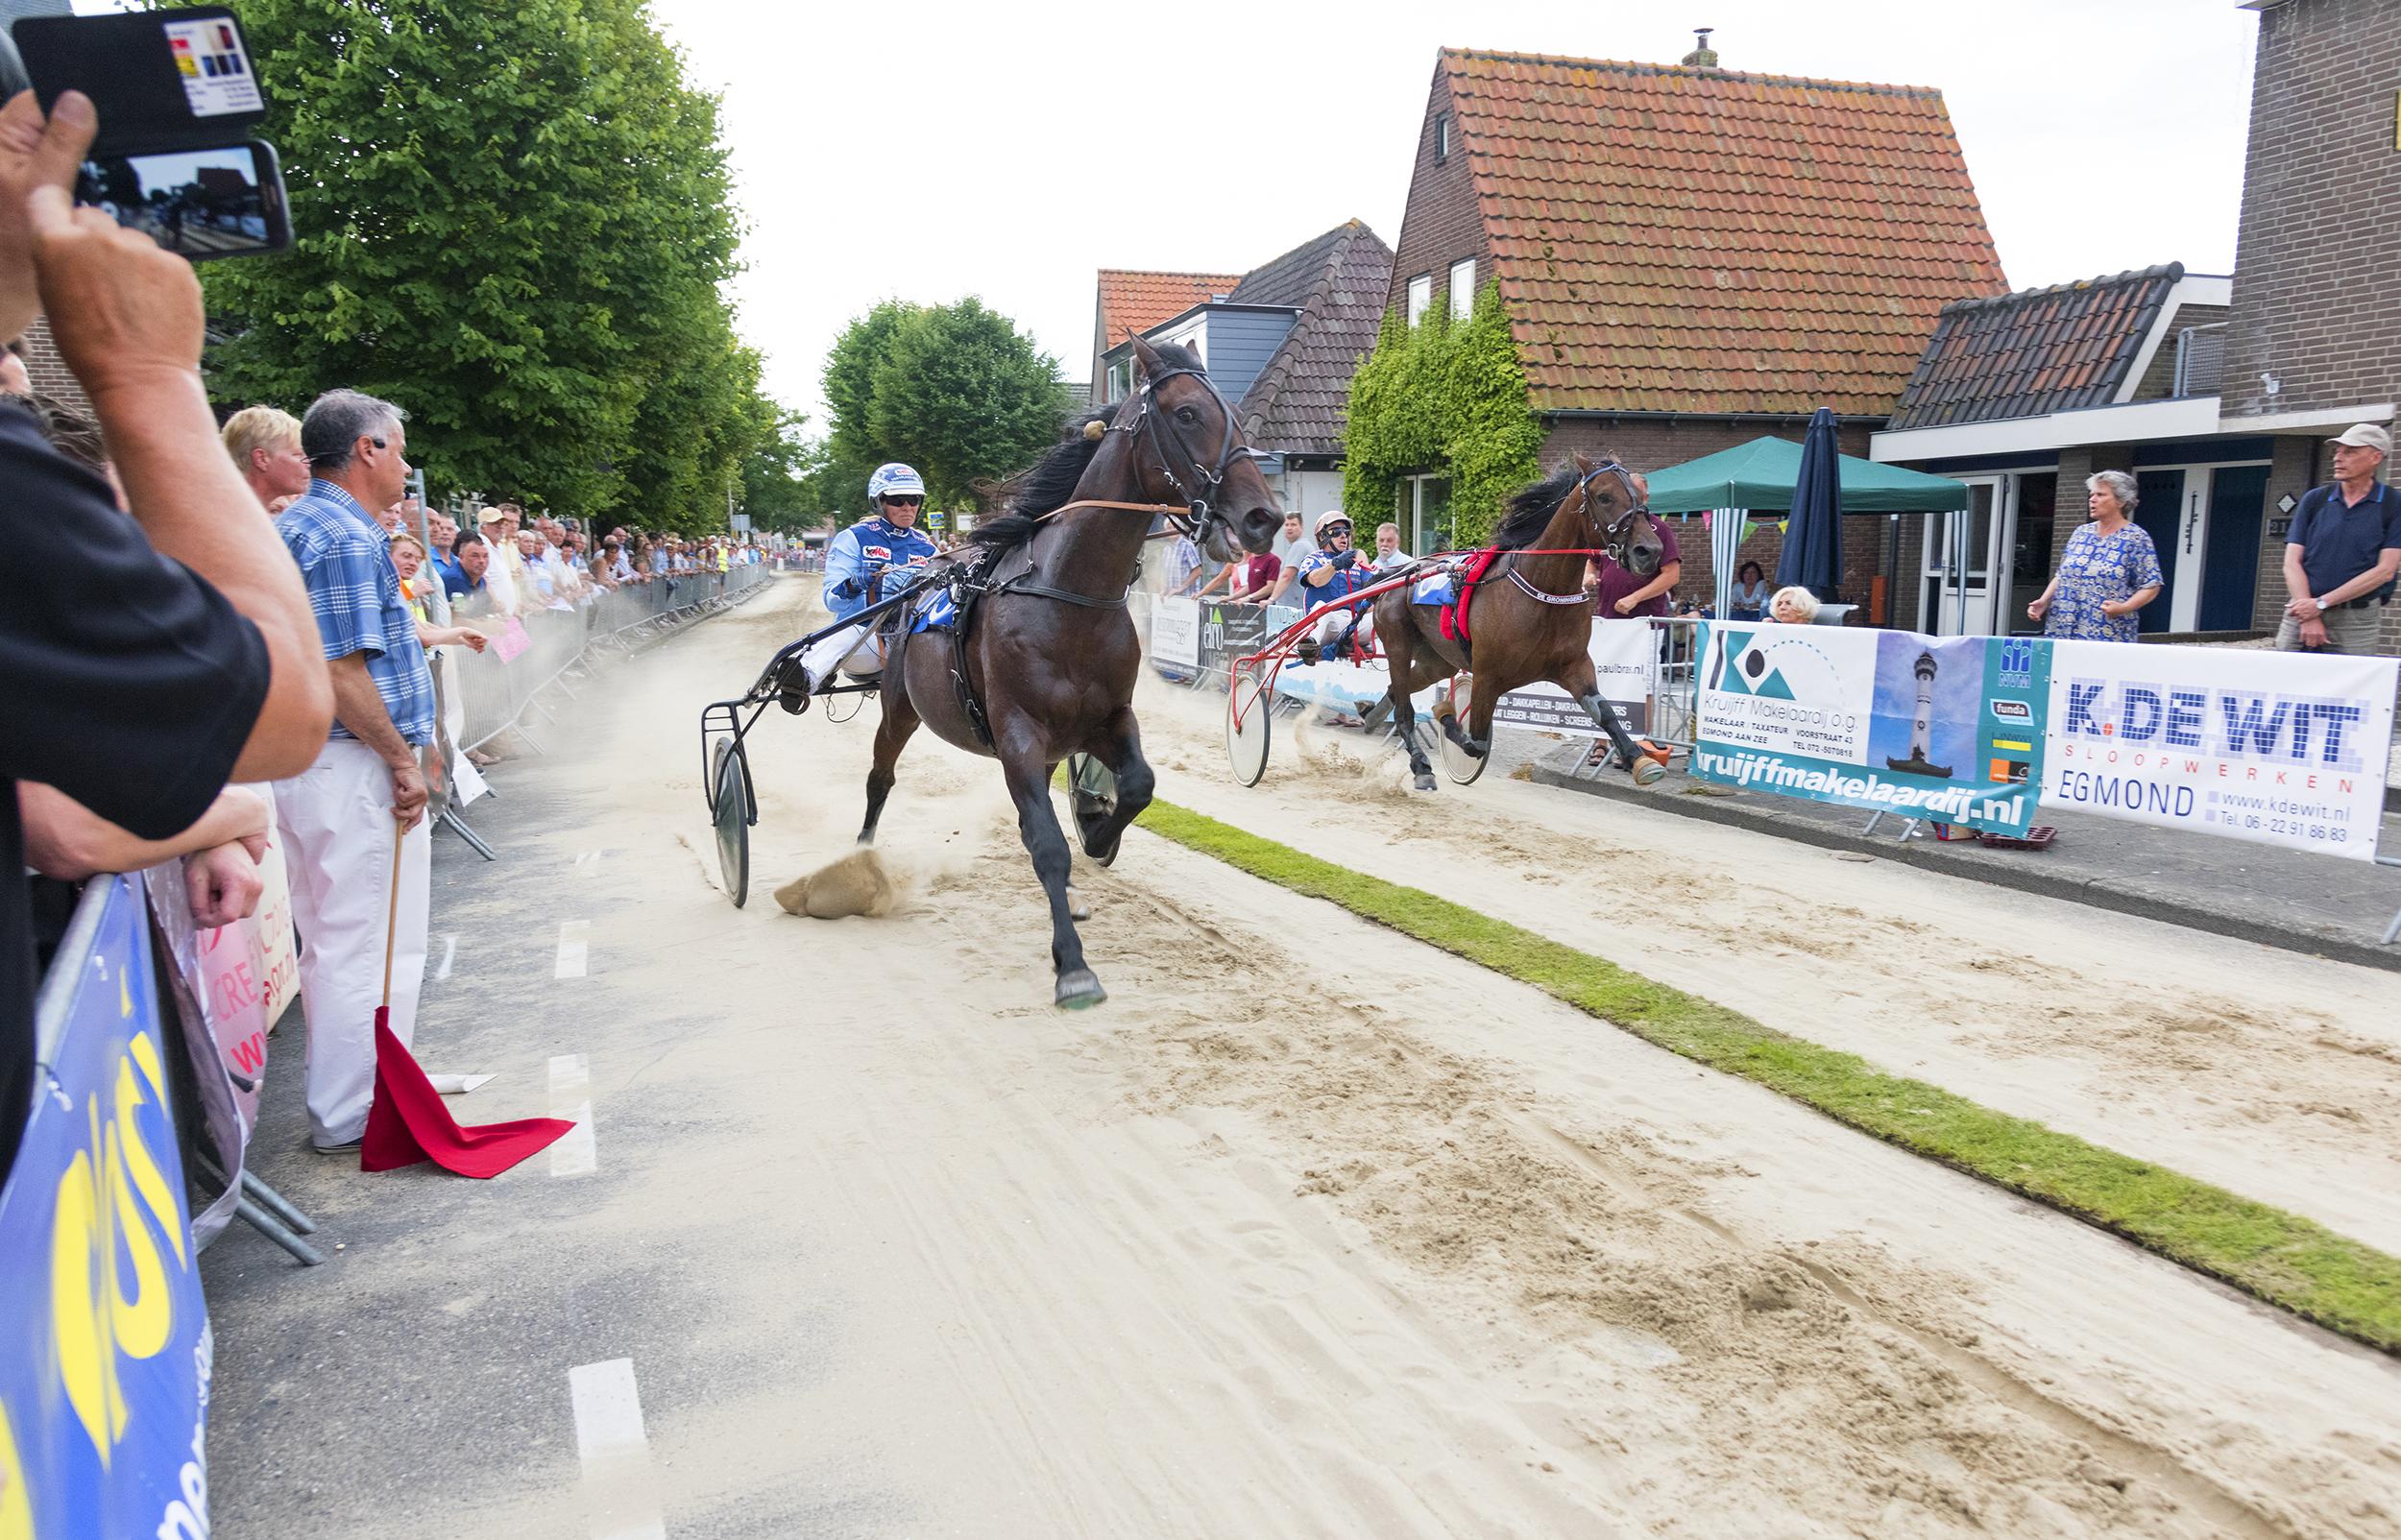 De beslissende omloop van vorig jaar tussen Caroline Aalbers met Lordspirit (linkerbaan) en de uiteindelijke winnaar John de Leeuw (rechterbaan) met Diesel Scott (rechts).  Fotografie: dredesign.nl©2017).